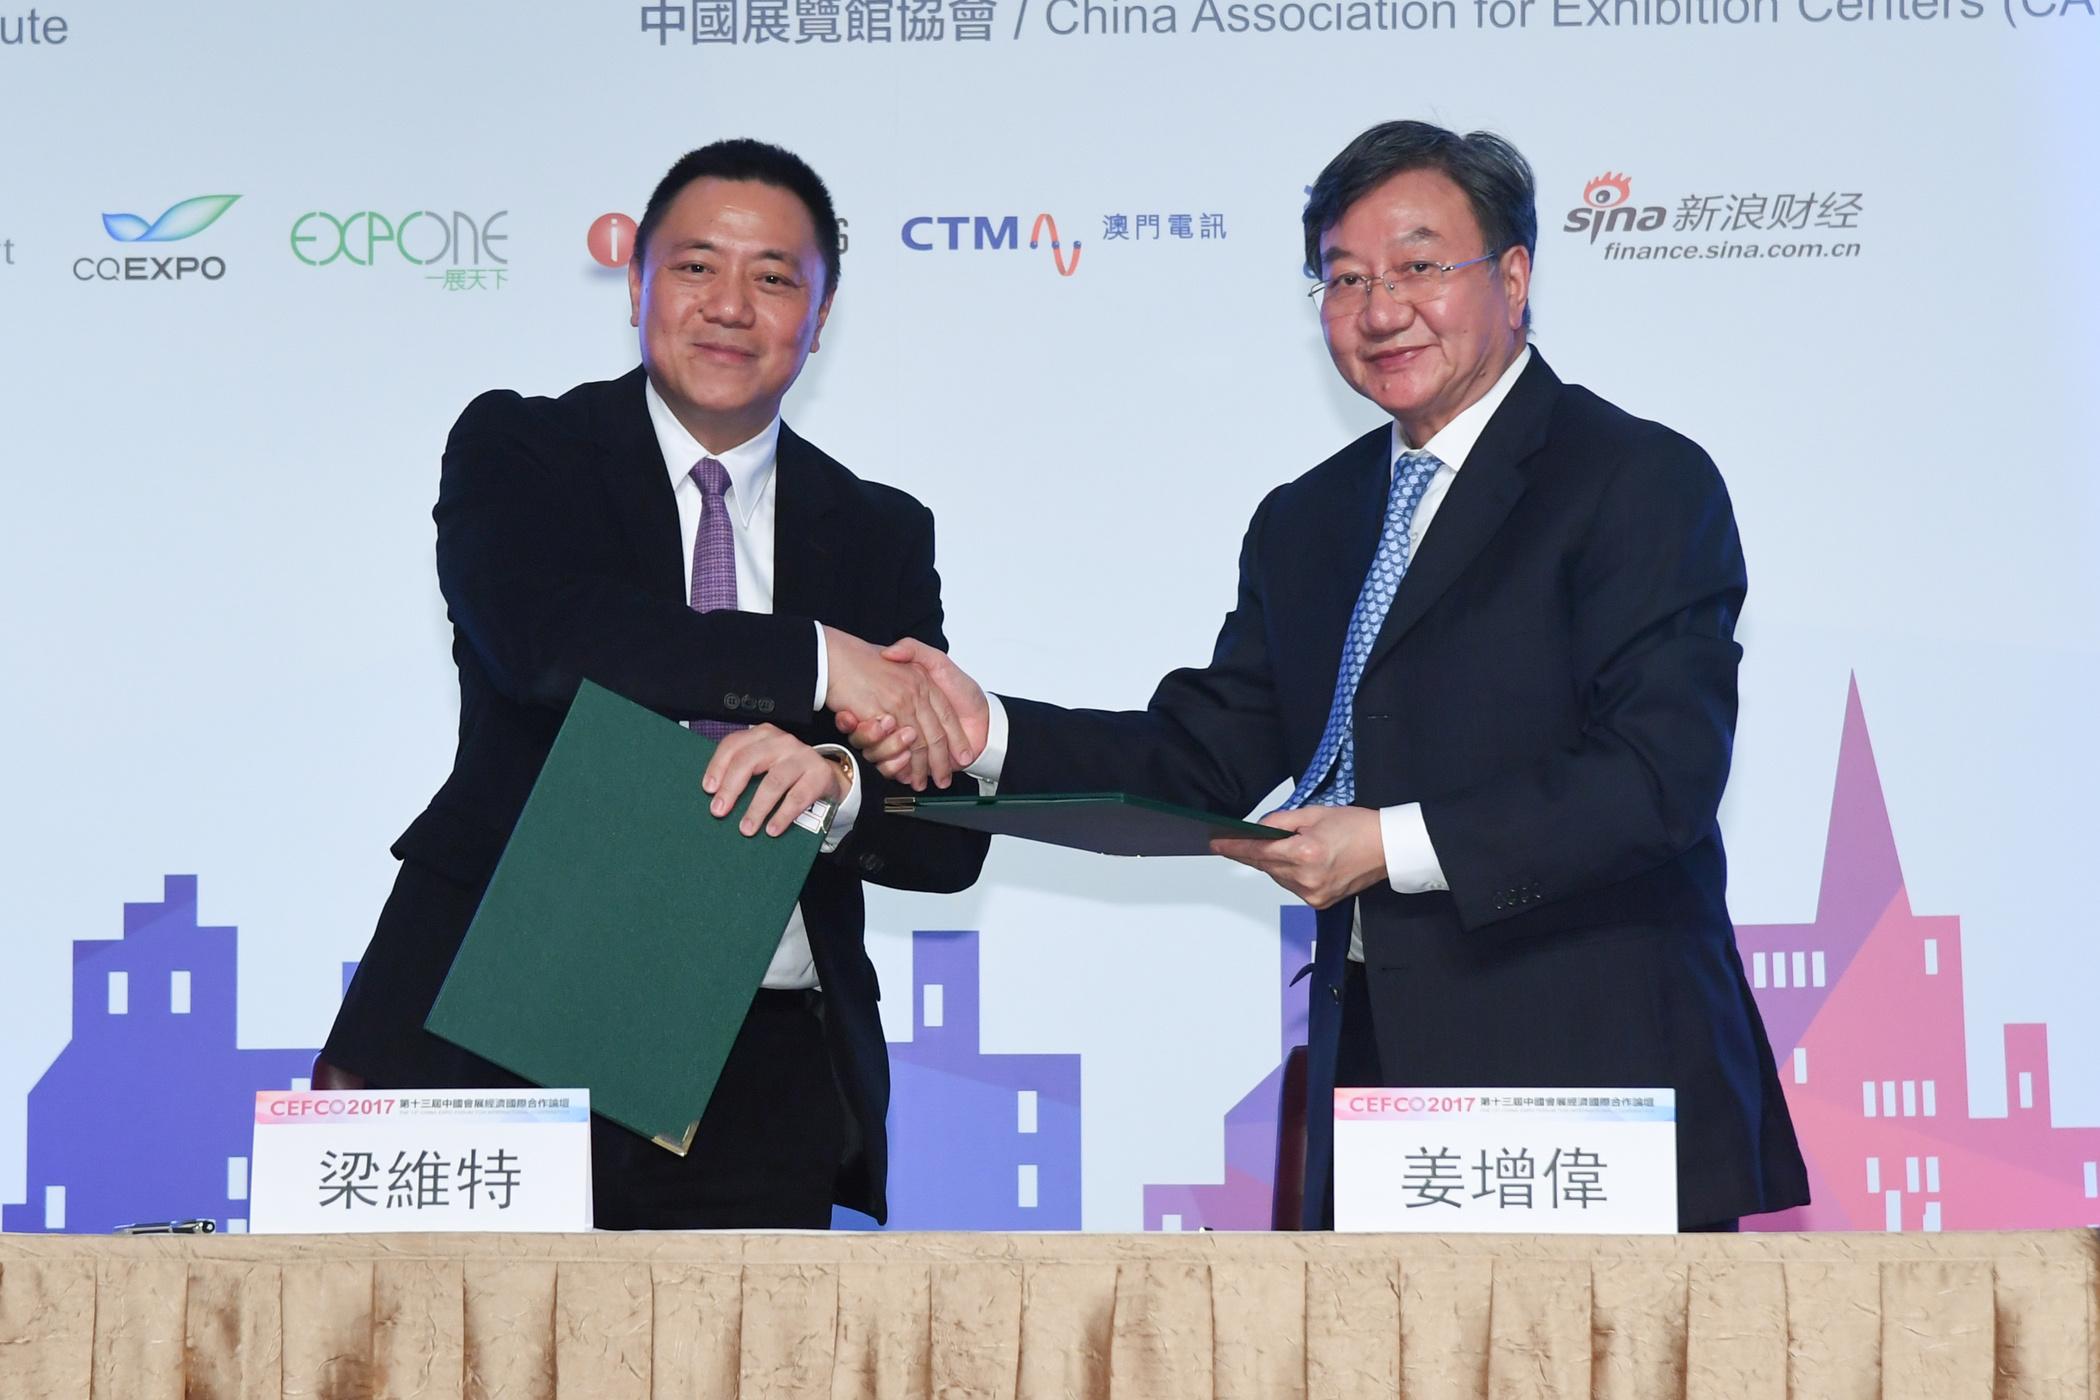 Negócios| Macau quer mais convenções